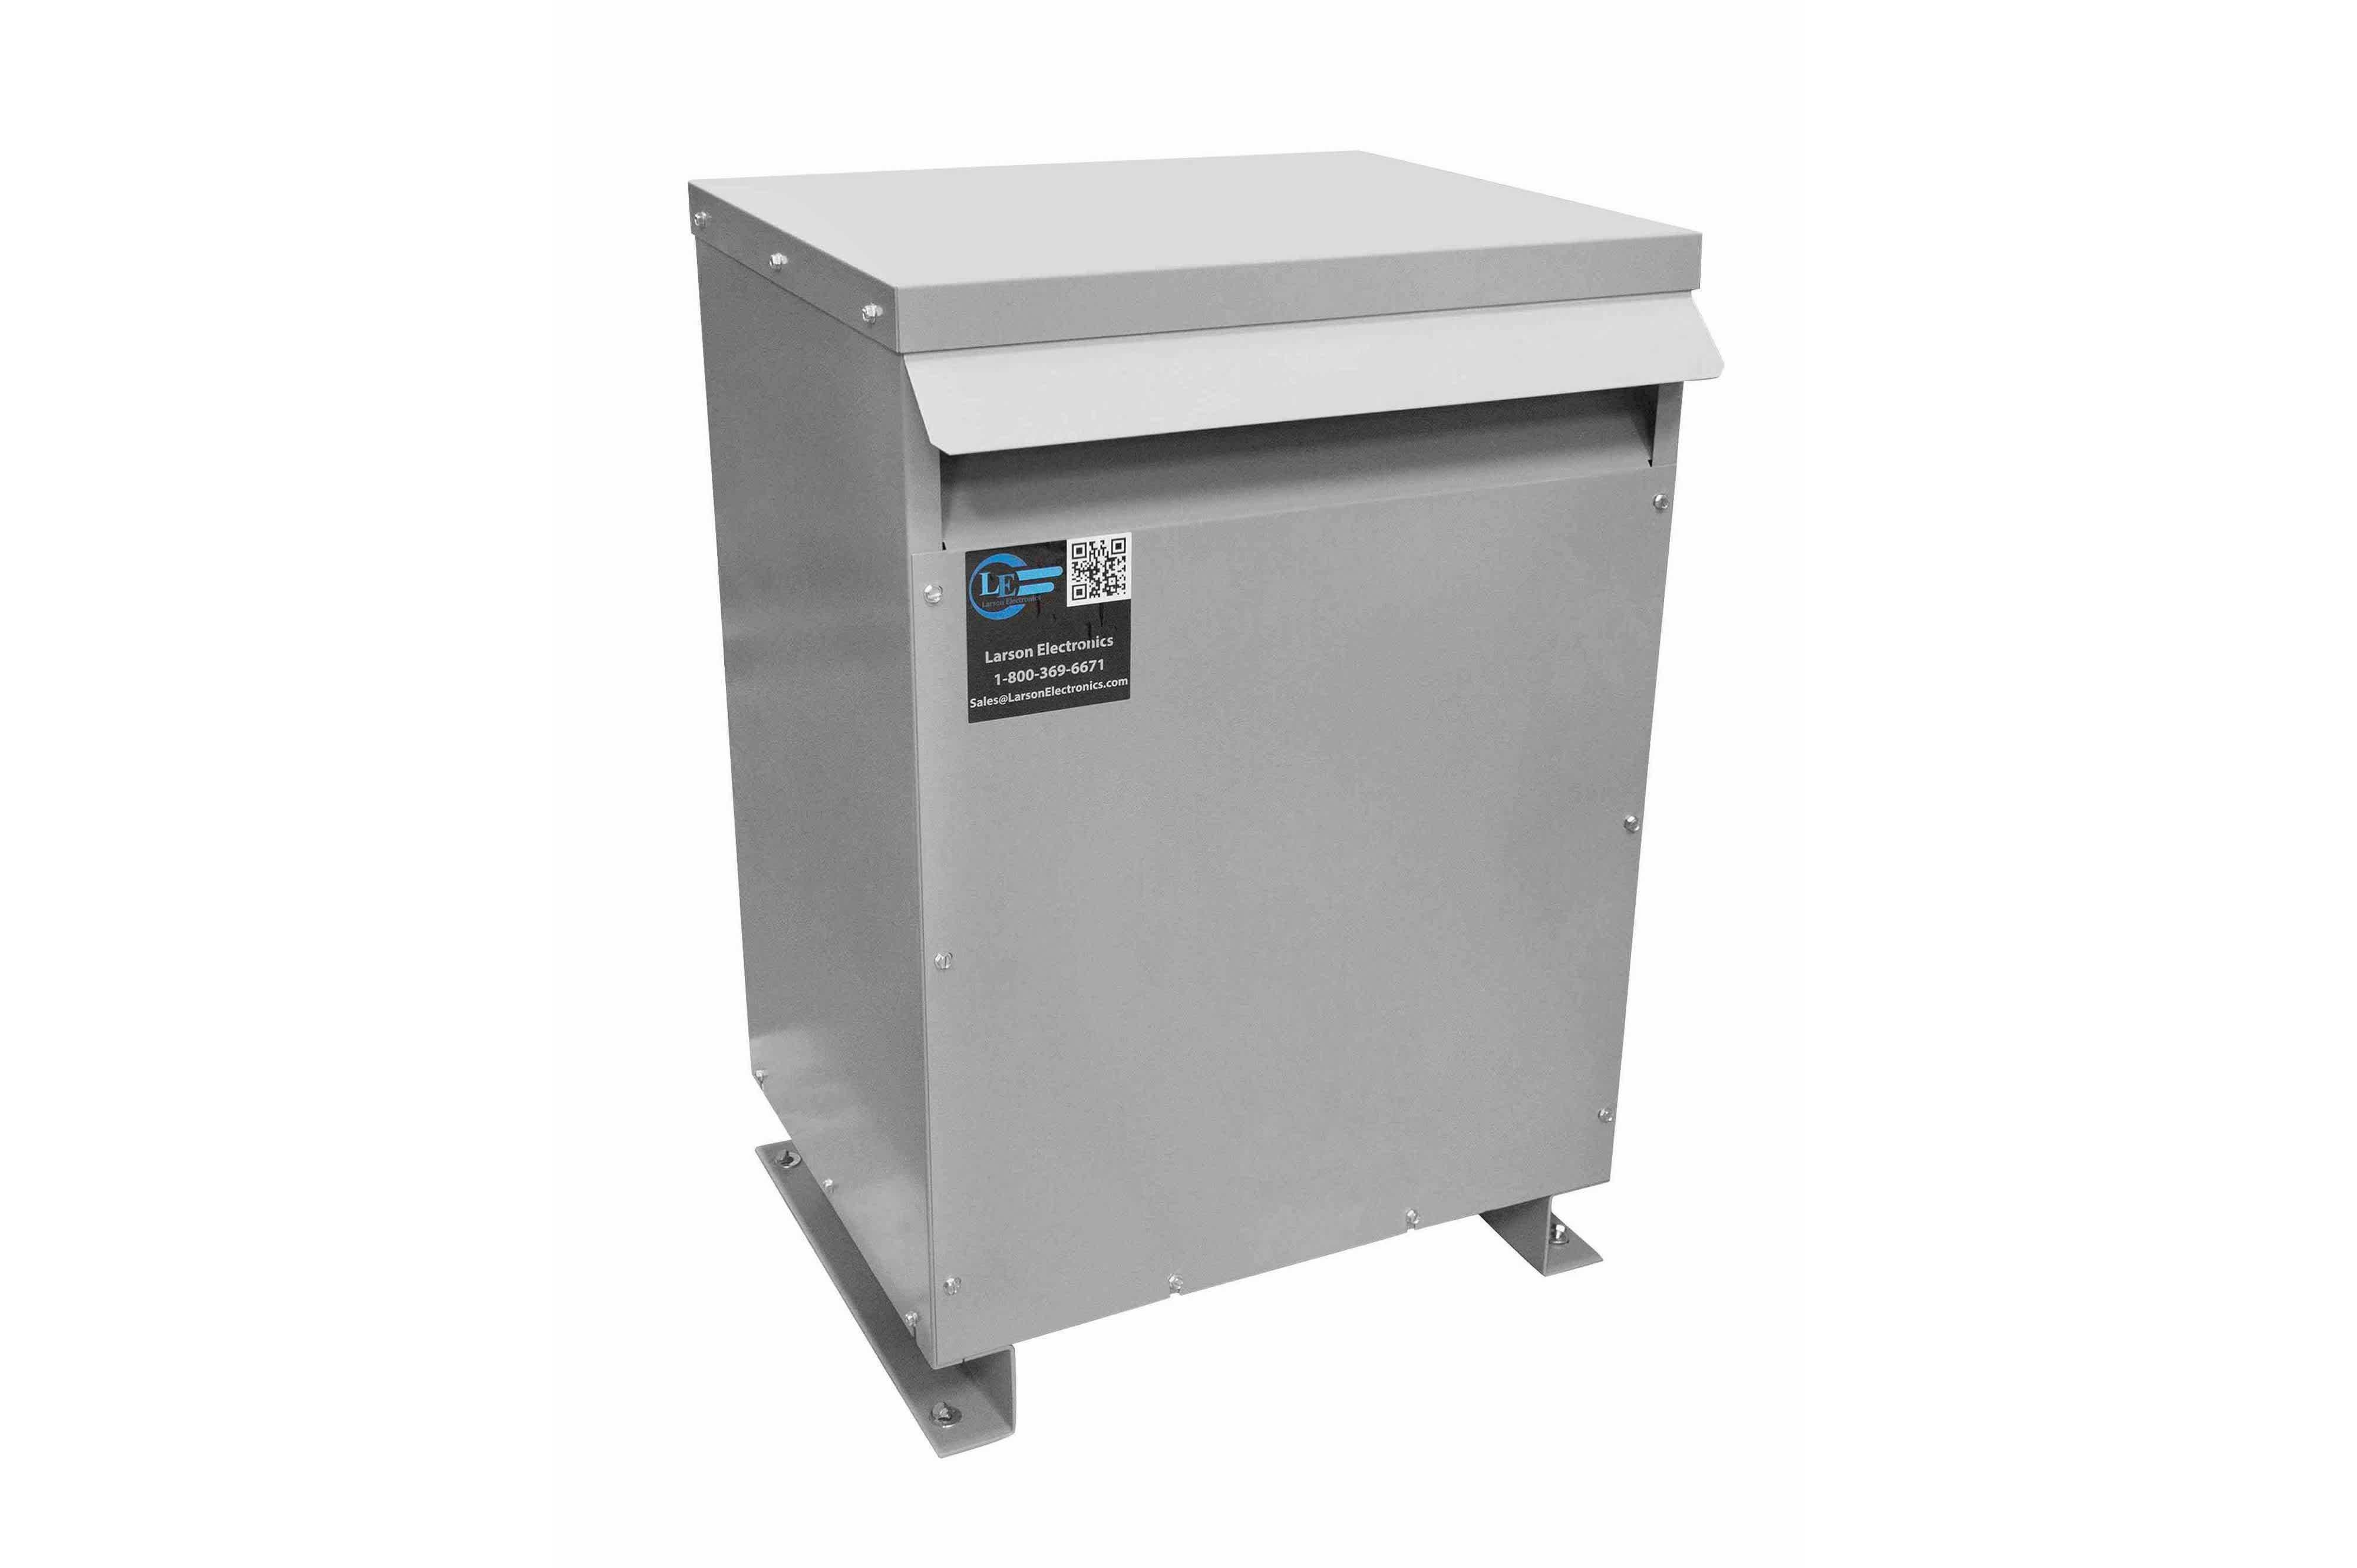 300 kVA 3PH Isolation Transformer, 415V Delta Primary, 600V Delta Secondary, N3R, Ventilated, 60 Hz